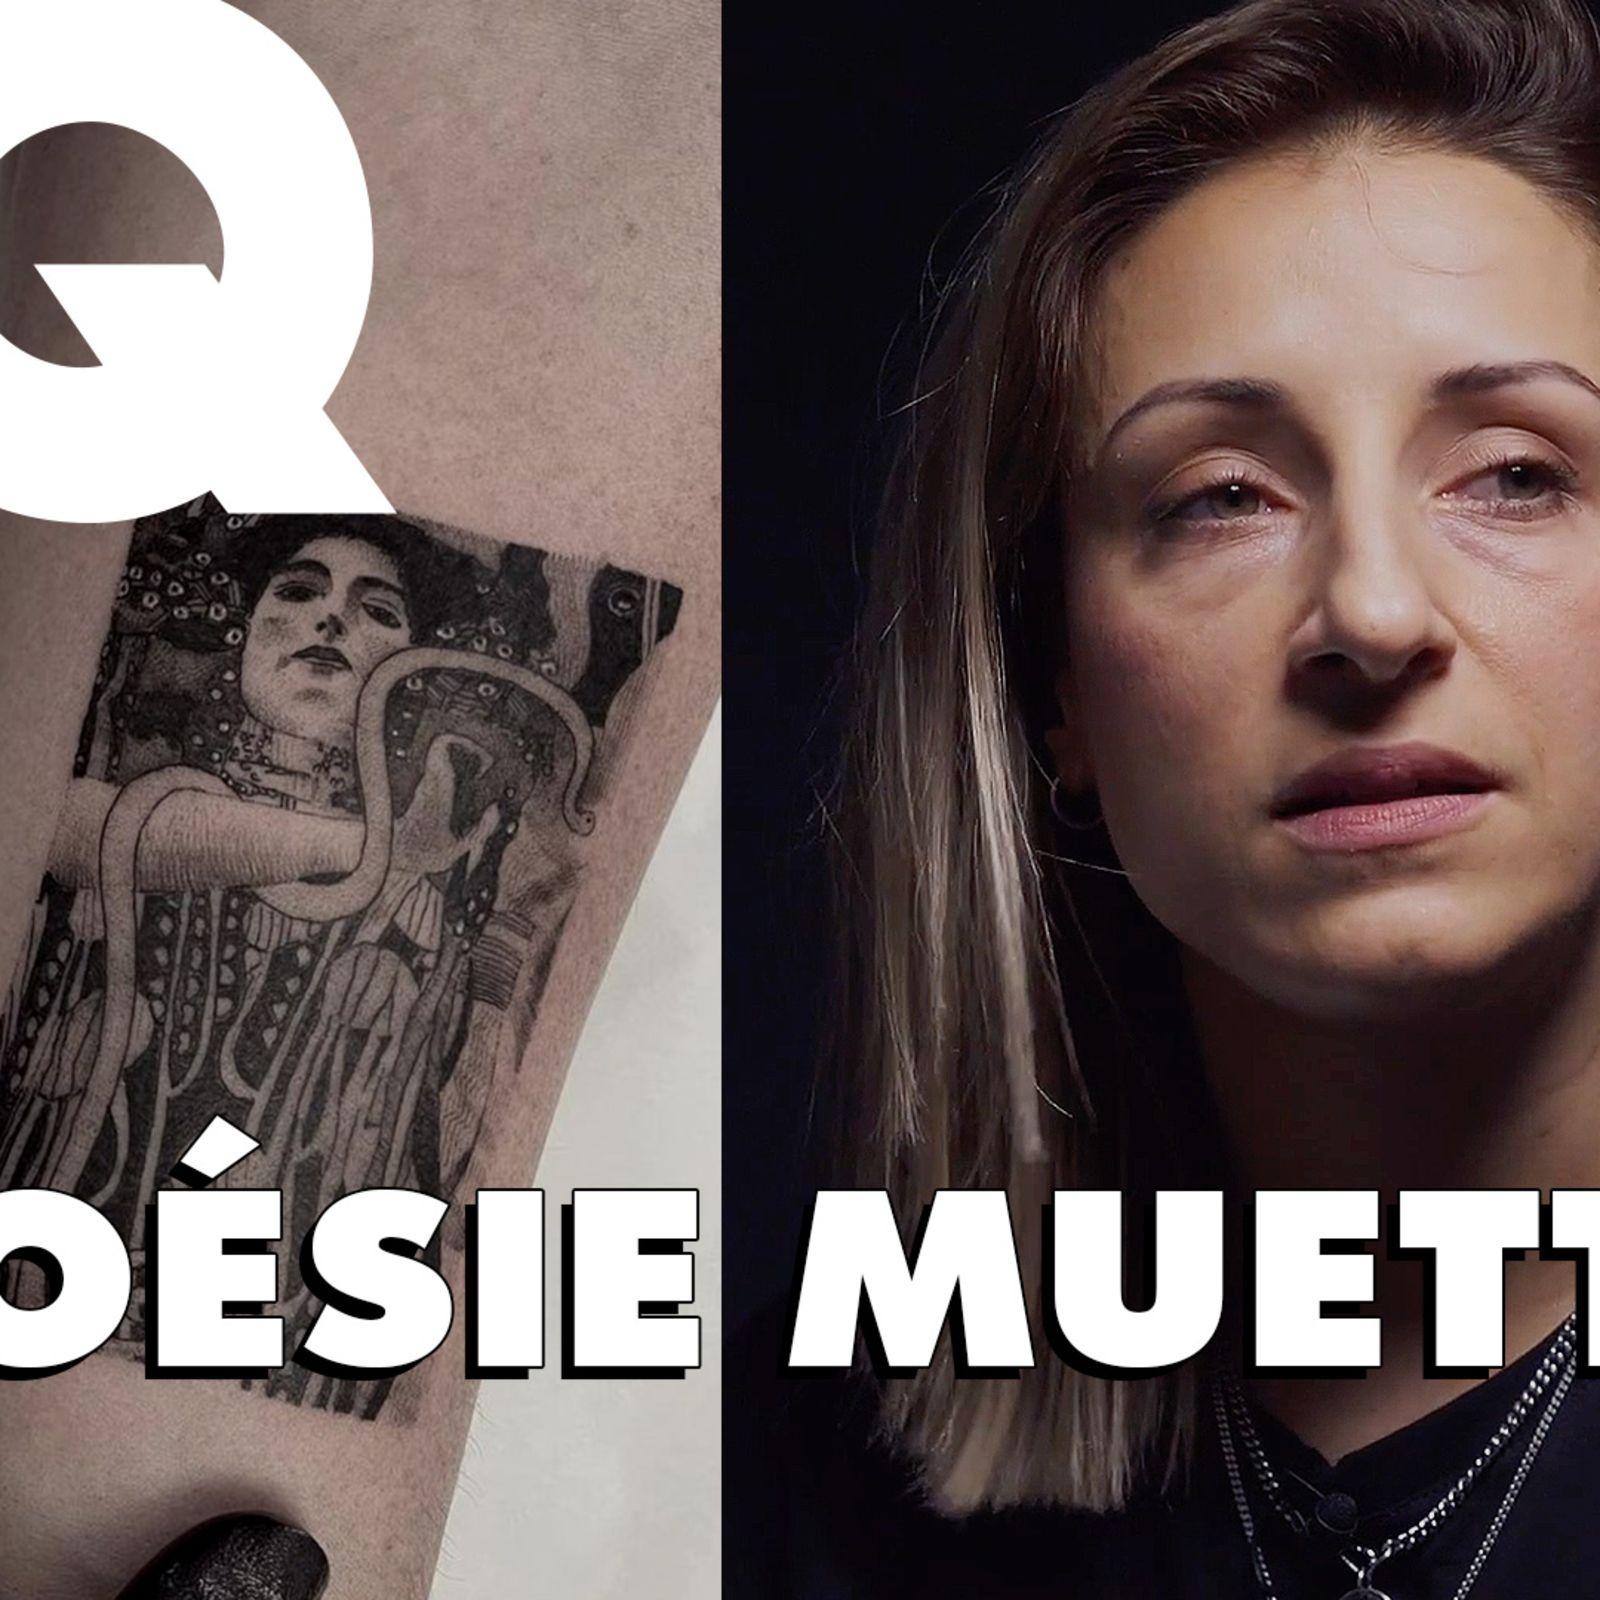 Poésie Muette, tatoueuse spécialisée dans le blackwork et le micro-réalisme, raconte le métier à GQ